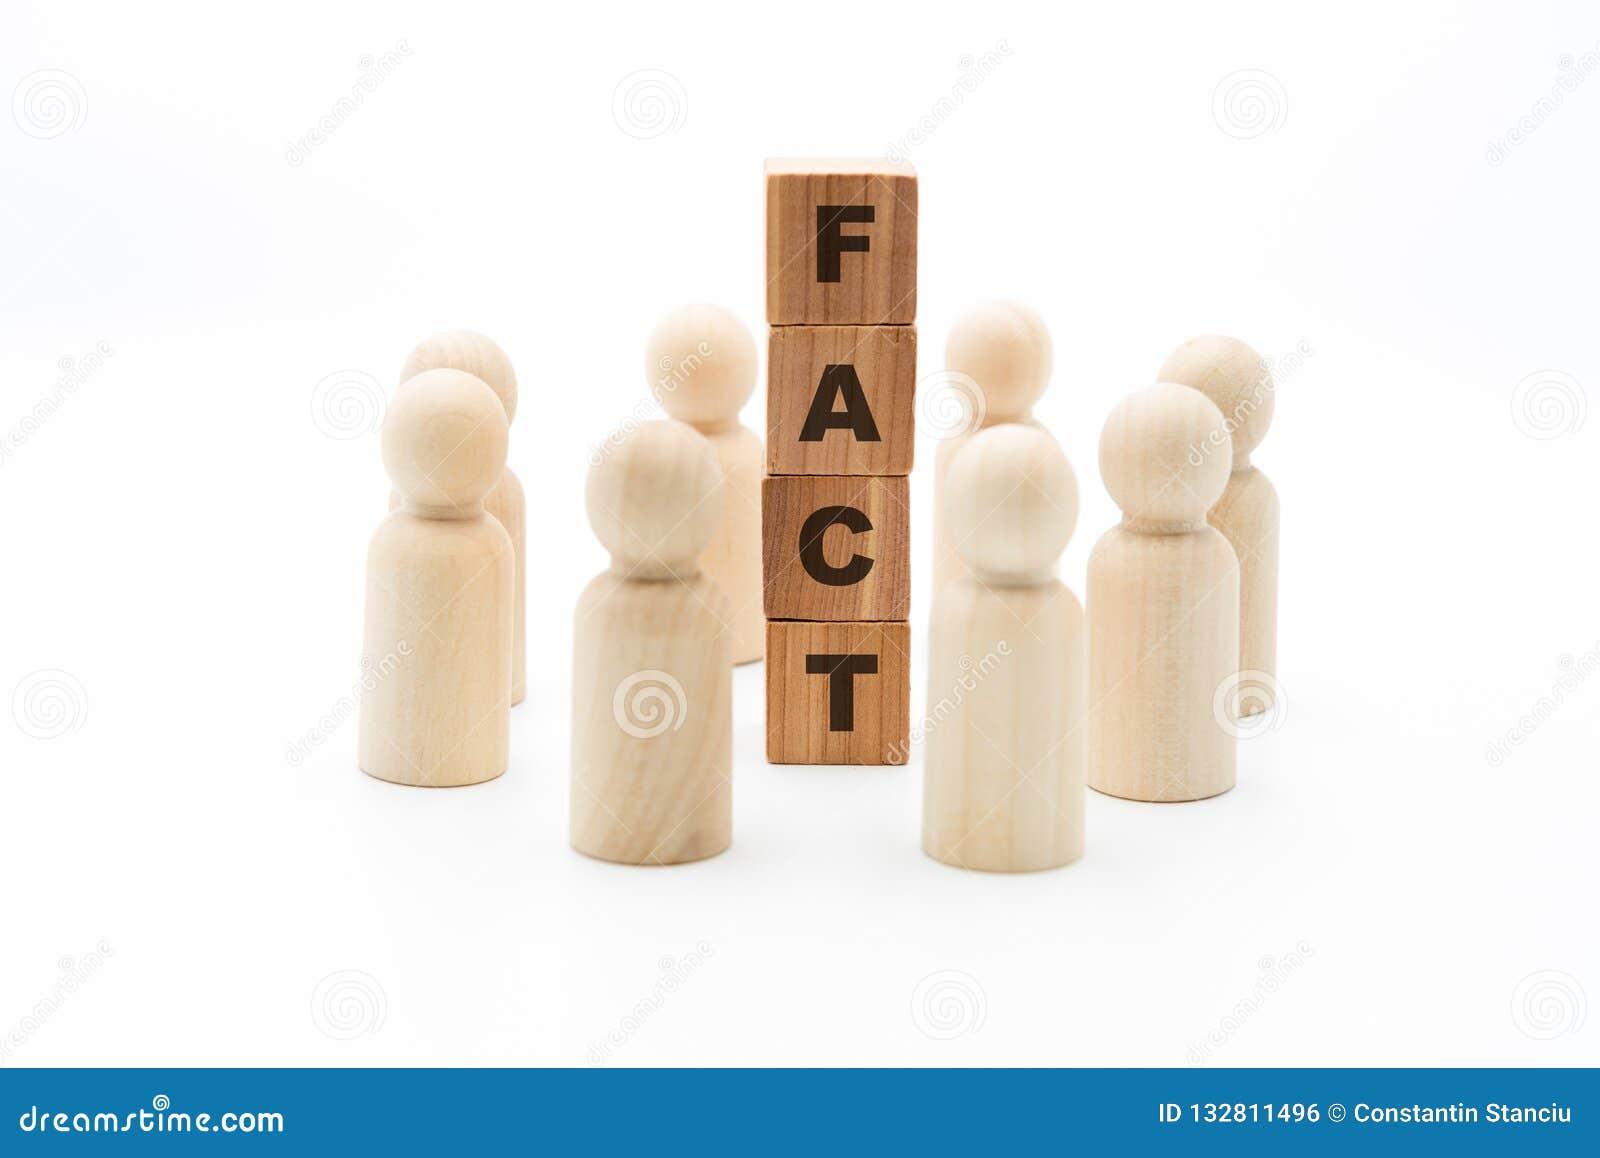 Figuras de madera como equipo del negocio en círculo alrededor de la palabra HECHO